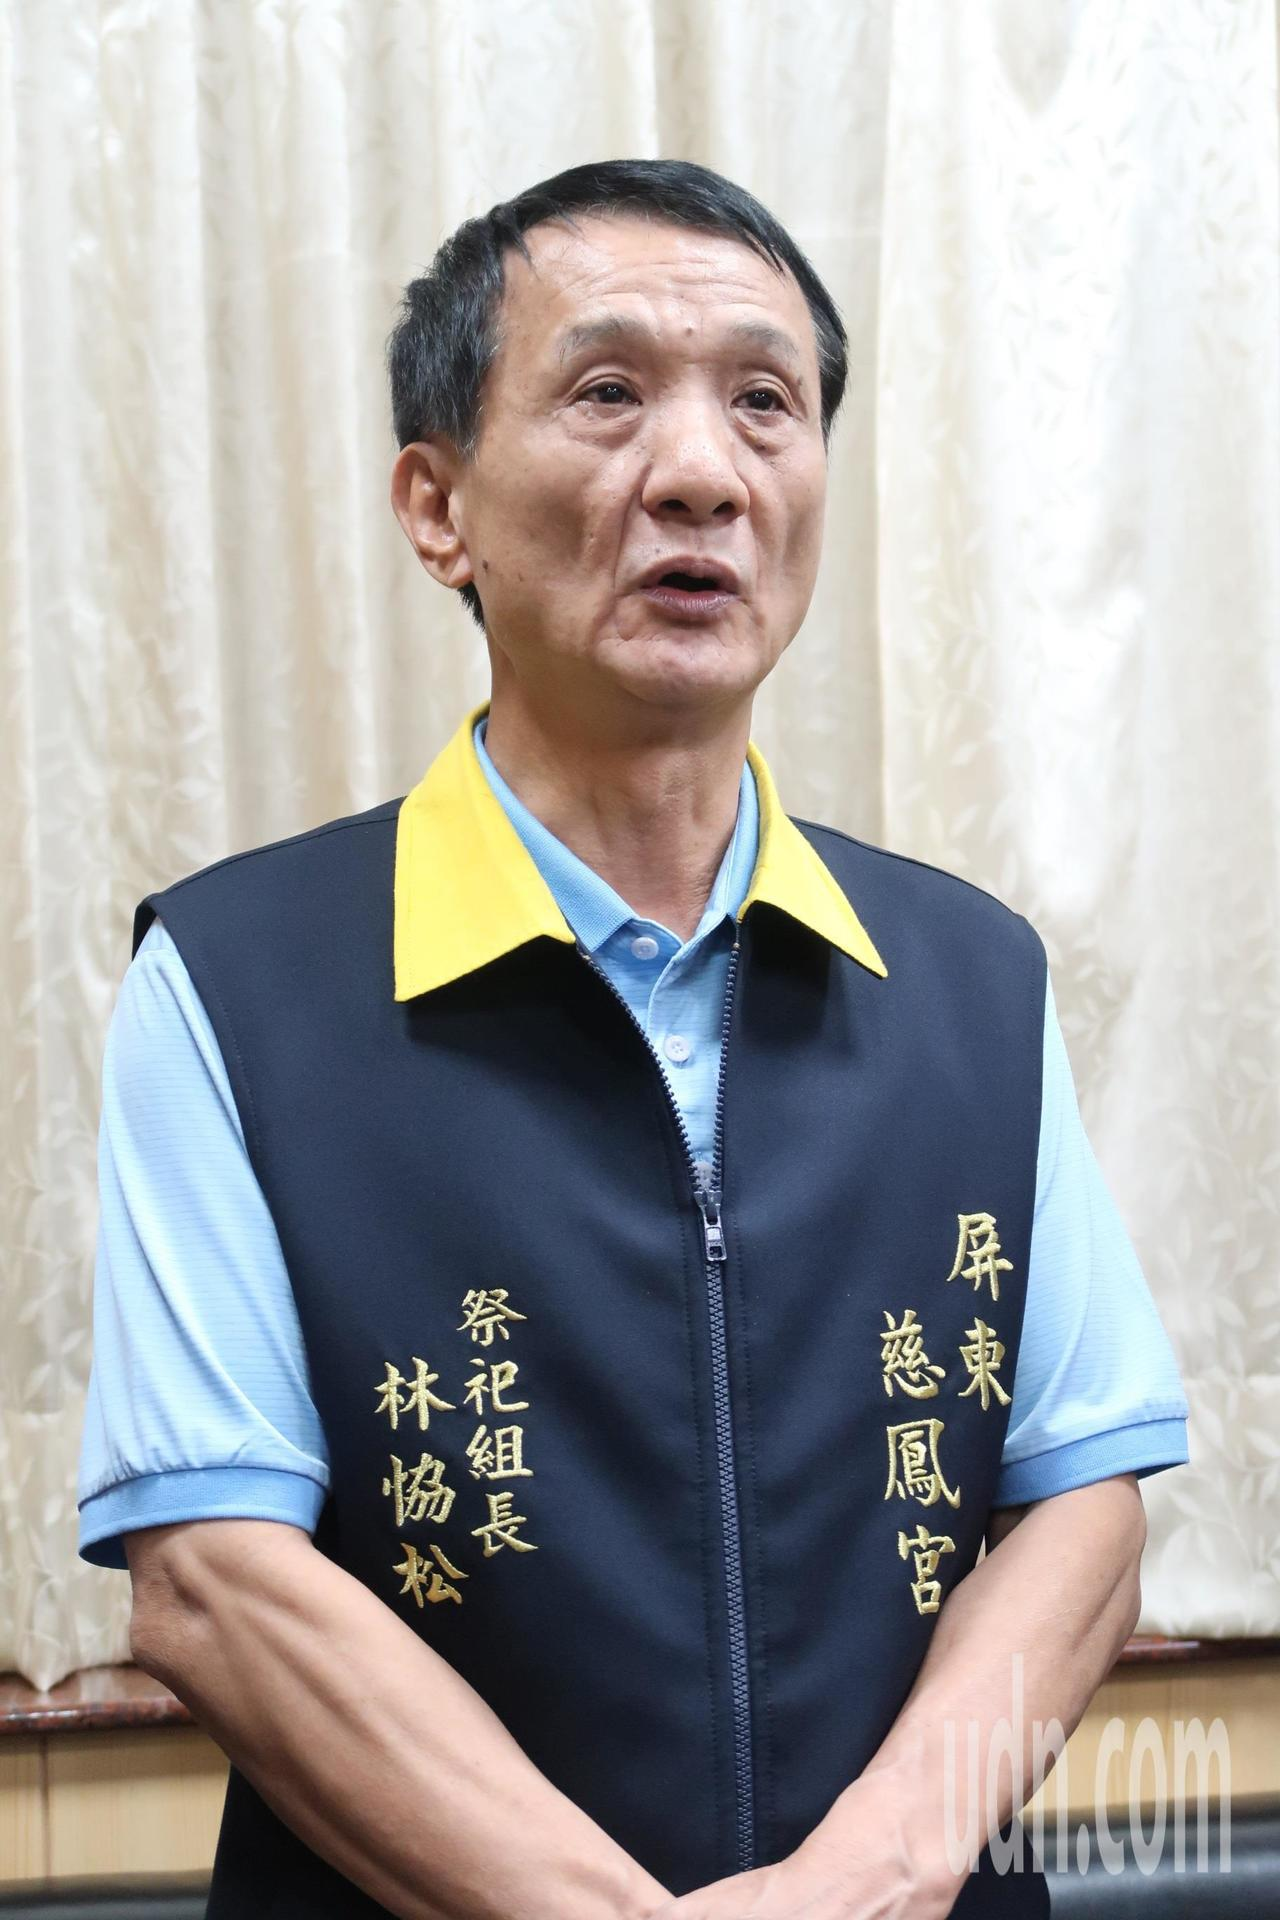 屏東市代會主席林恊松宣布參選屏東市長。記者翁禎霞/攝影